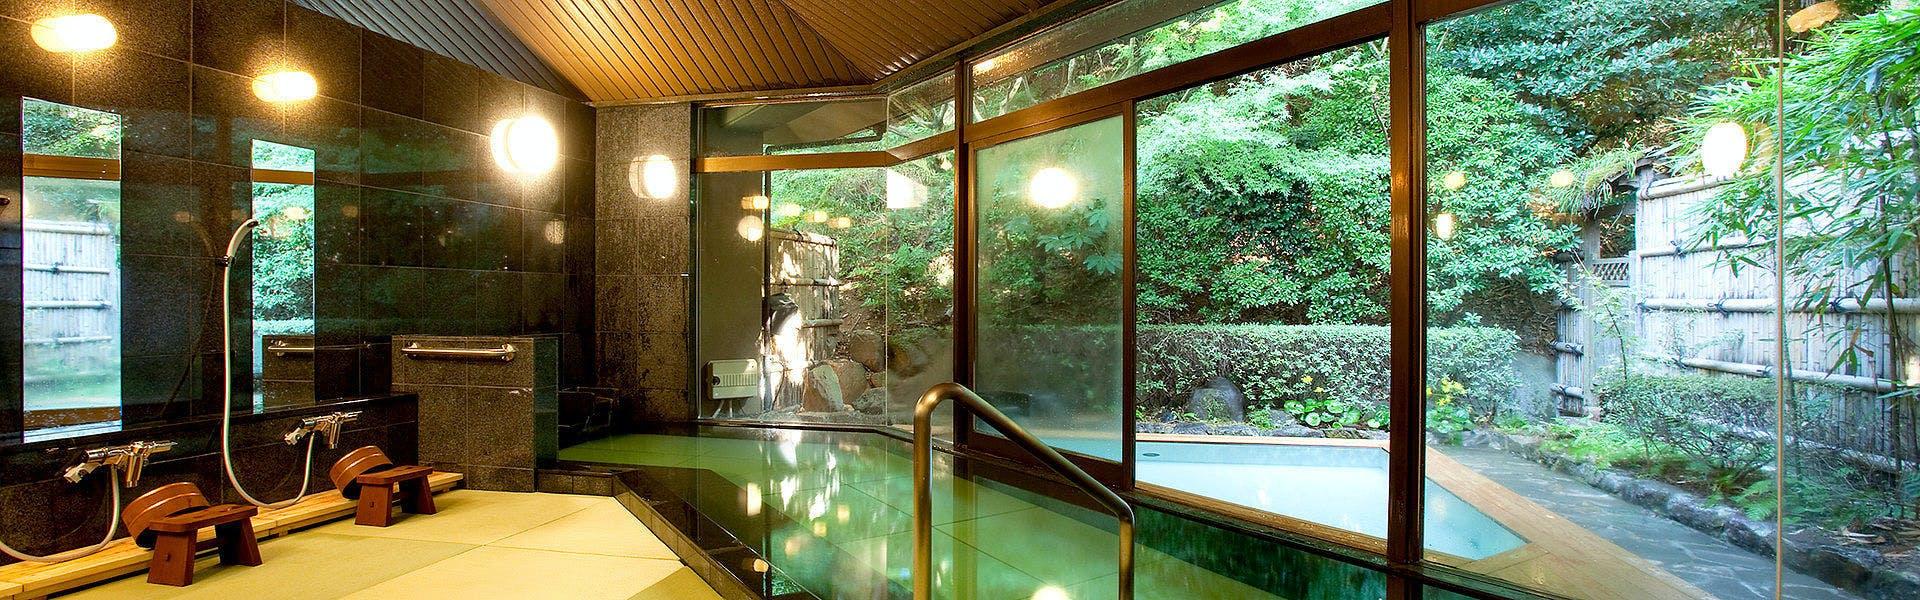 記念日におすすめのホテル・山もみじの宿 八芳園の写真3